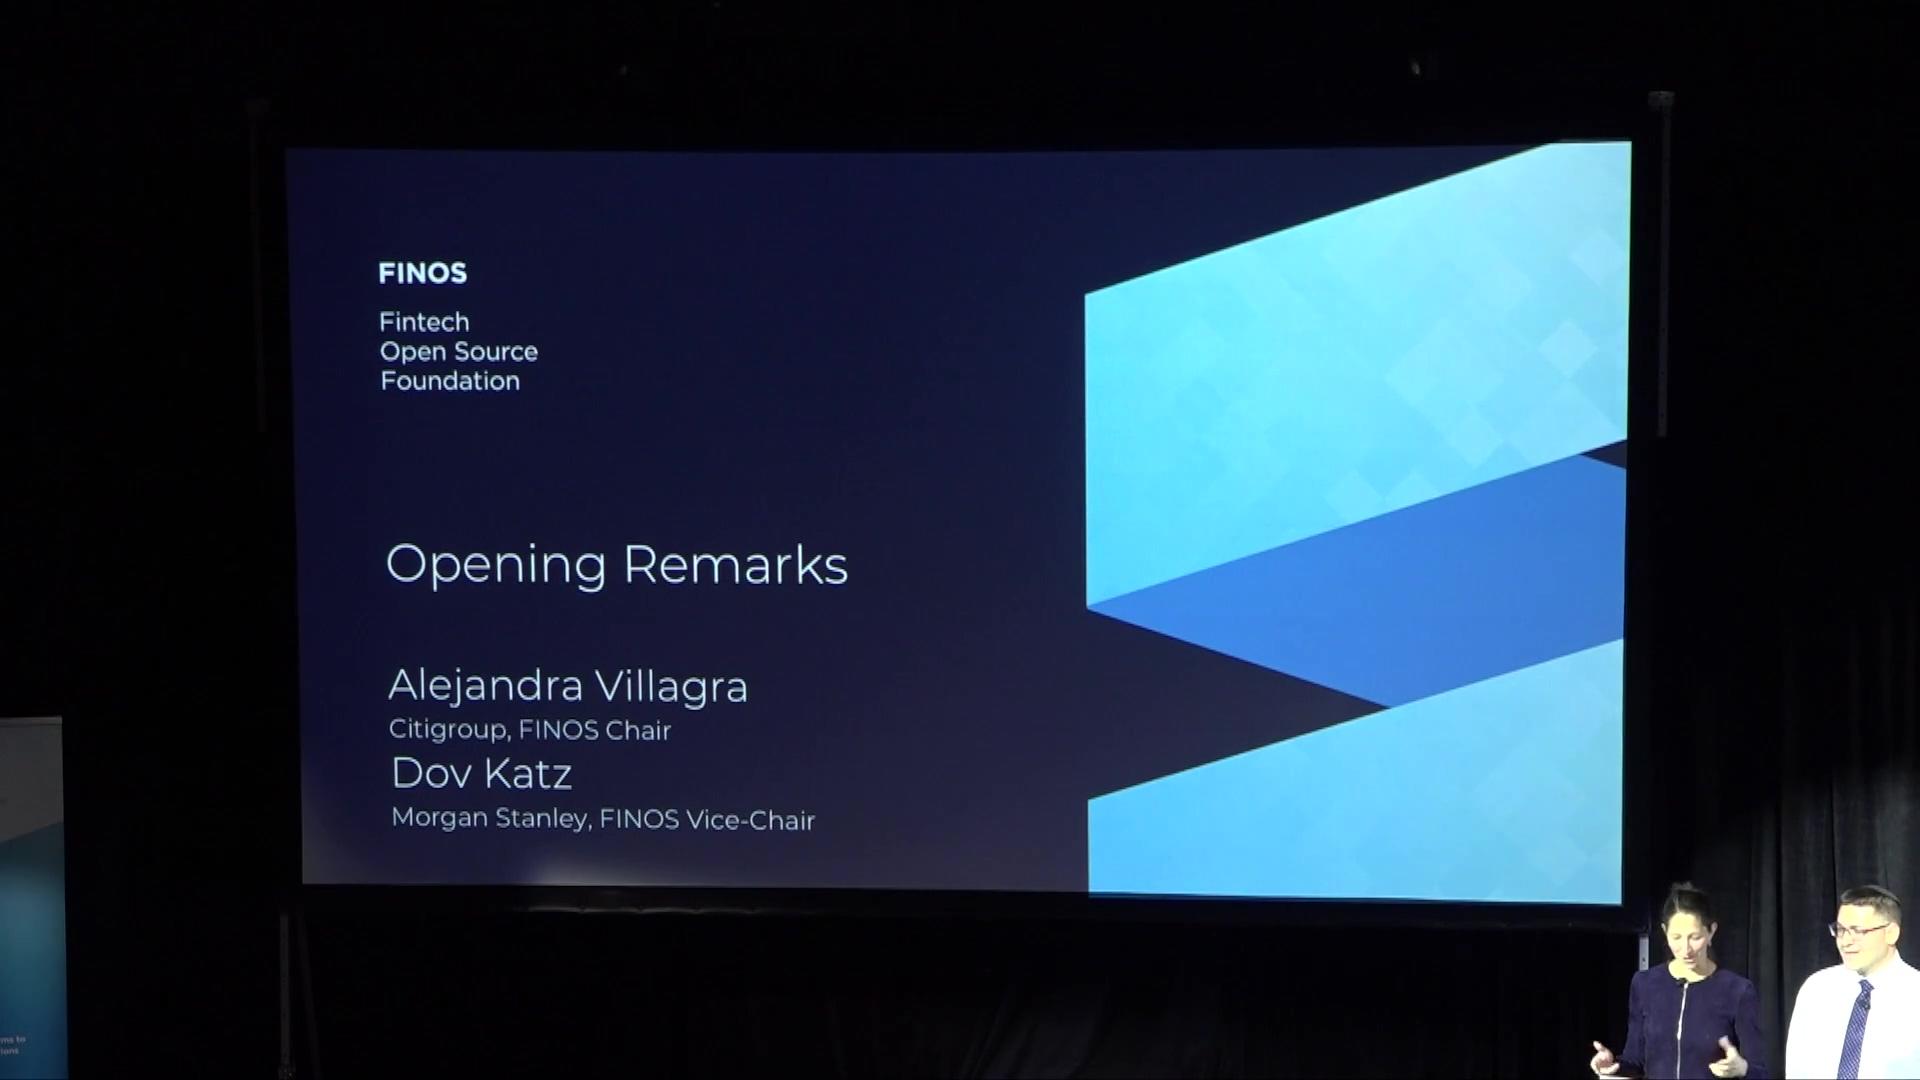 Alejandra Villagra and Dov Katz - OSSF Chair Opening Remarks - FINOS OSSF 2019